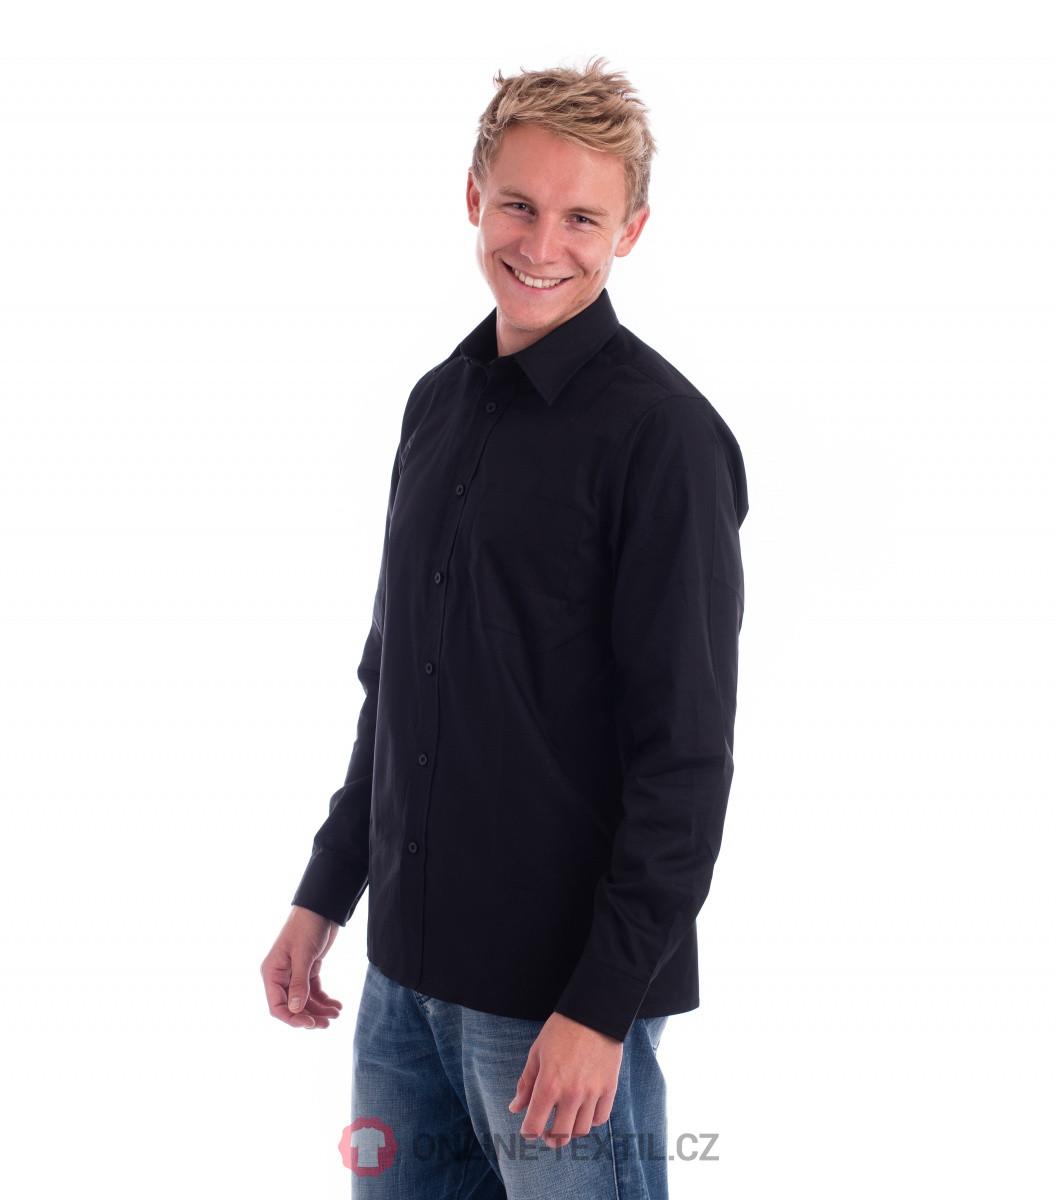 41c4fc9e446 ADLER CZECH Pánská košile Style LS s dlouhým rukávem 209 - černá z ...